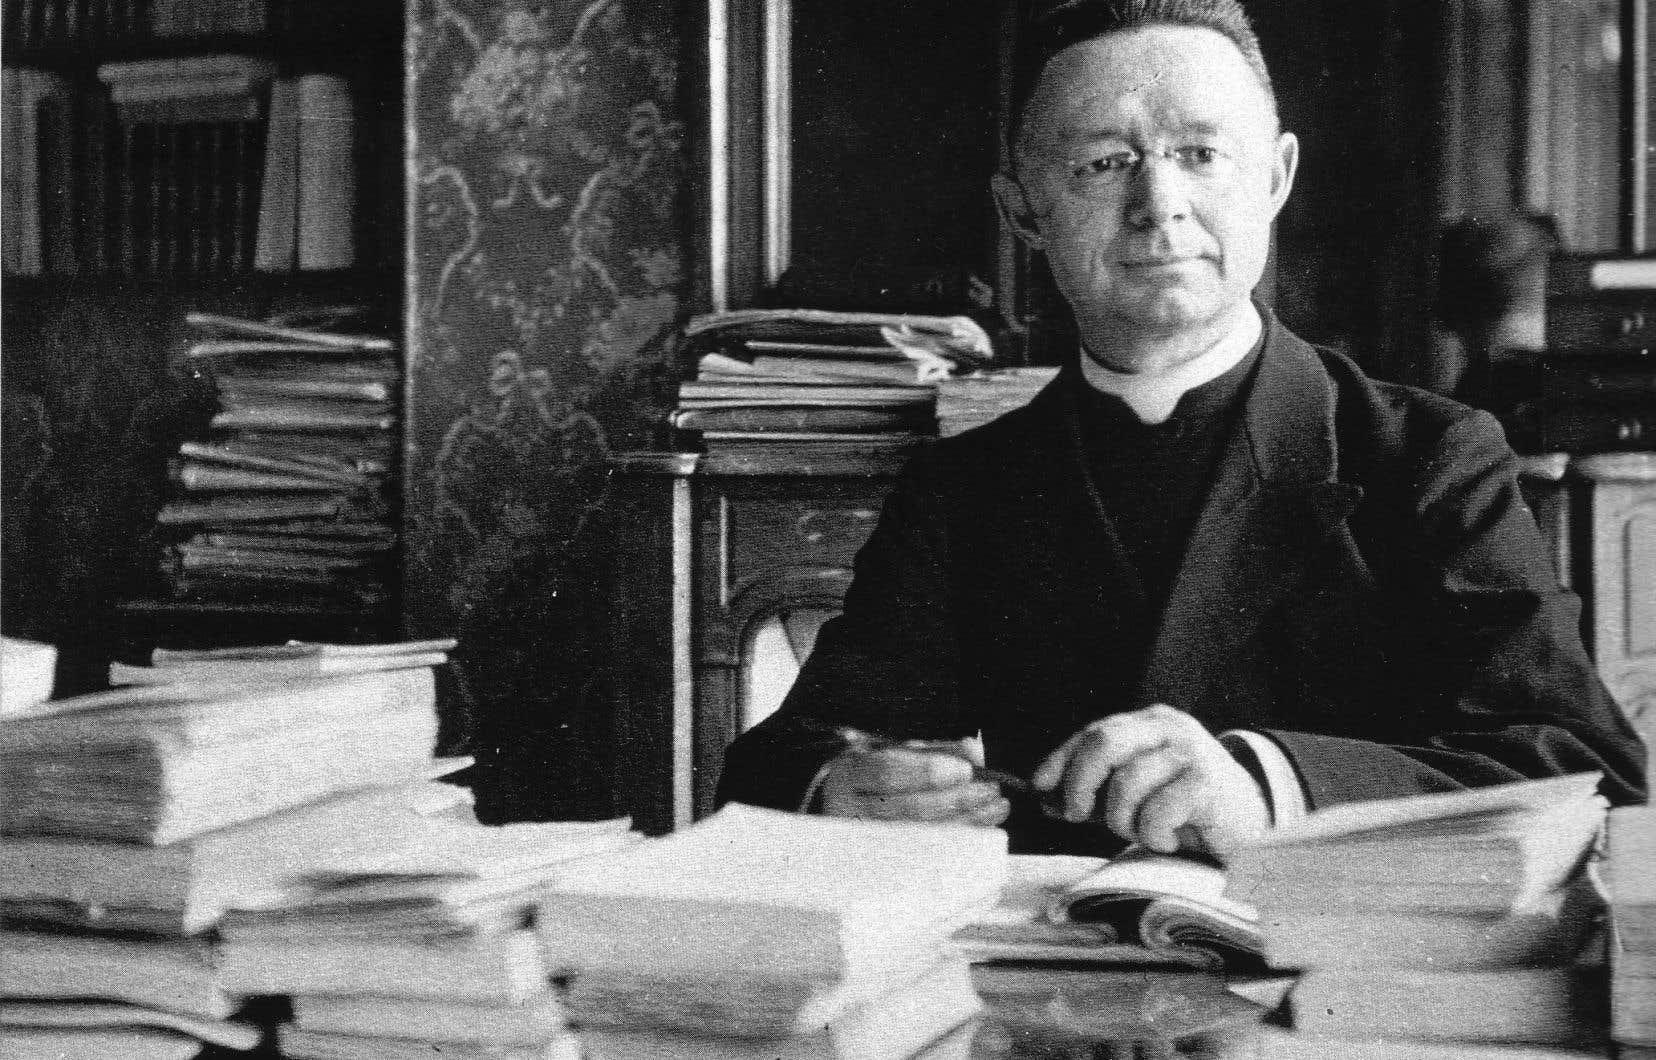 Le chanoine Lionel Groulx à son bureau à l'hôtel Jean Bart, à Paris, le 1er mars 1922